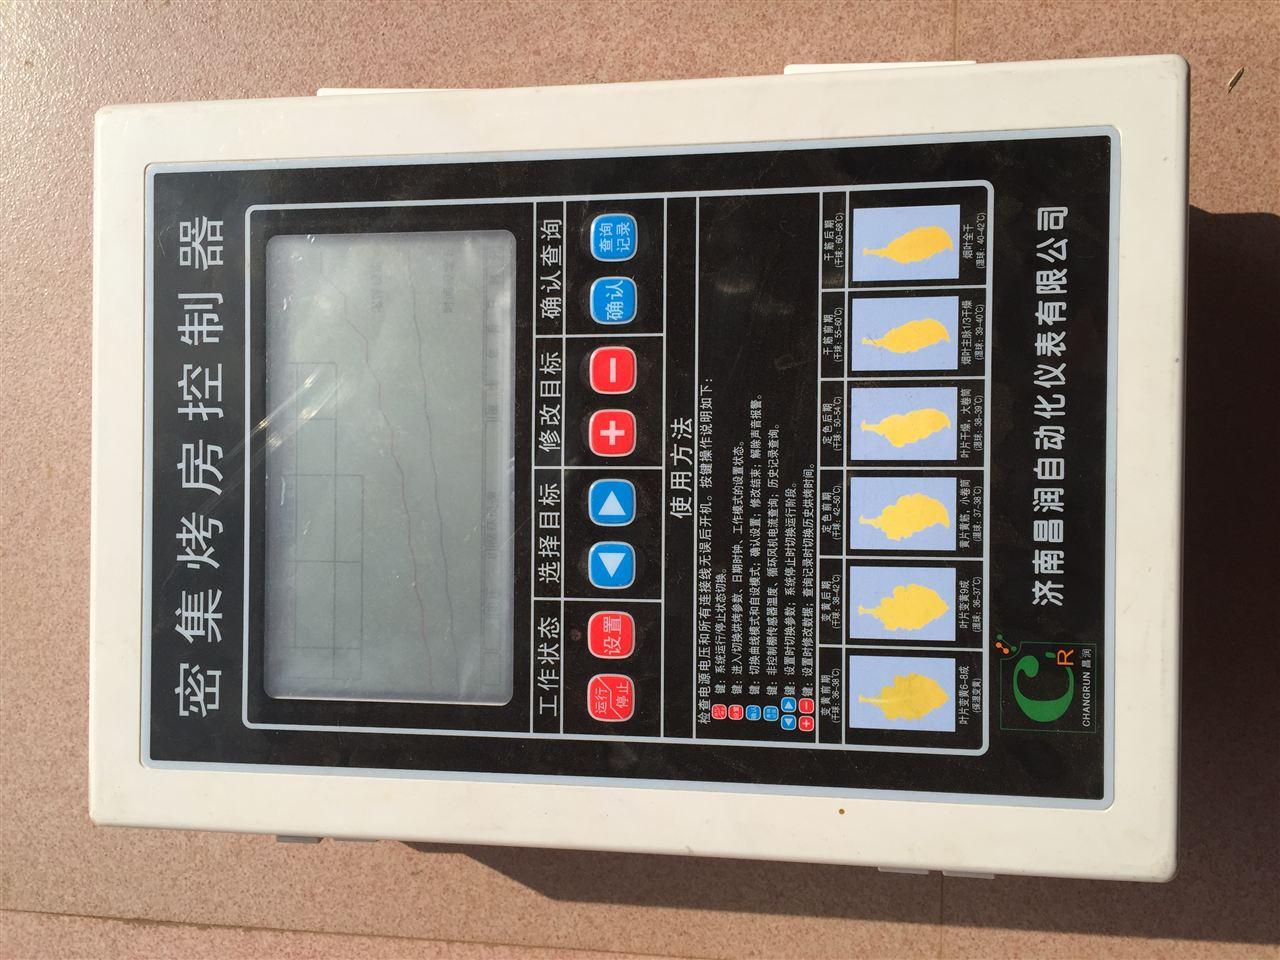 云南贵州密集烤房成套设备 烤烟全套设备 烤烟控制器 烤烟炉 循 环